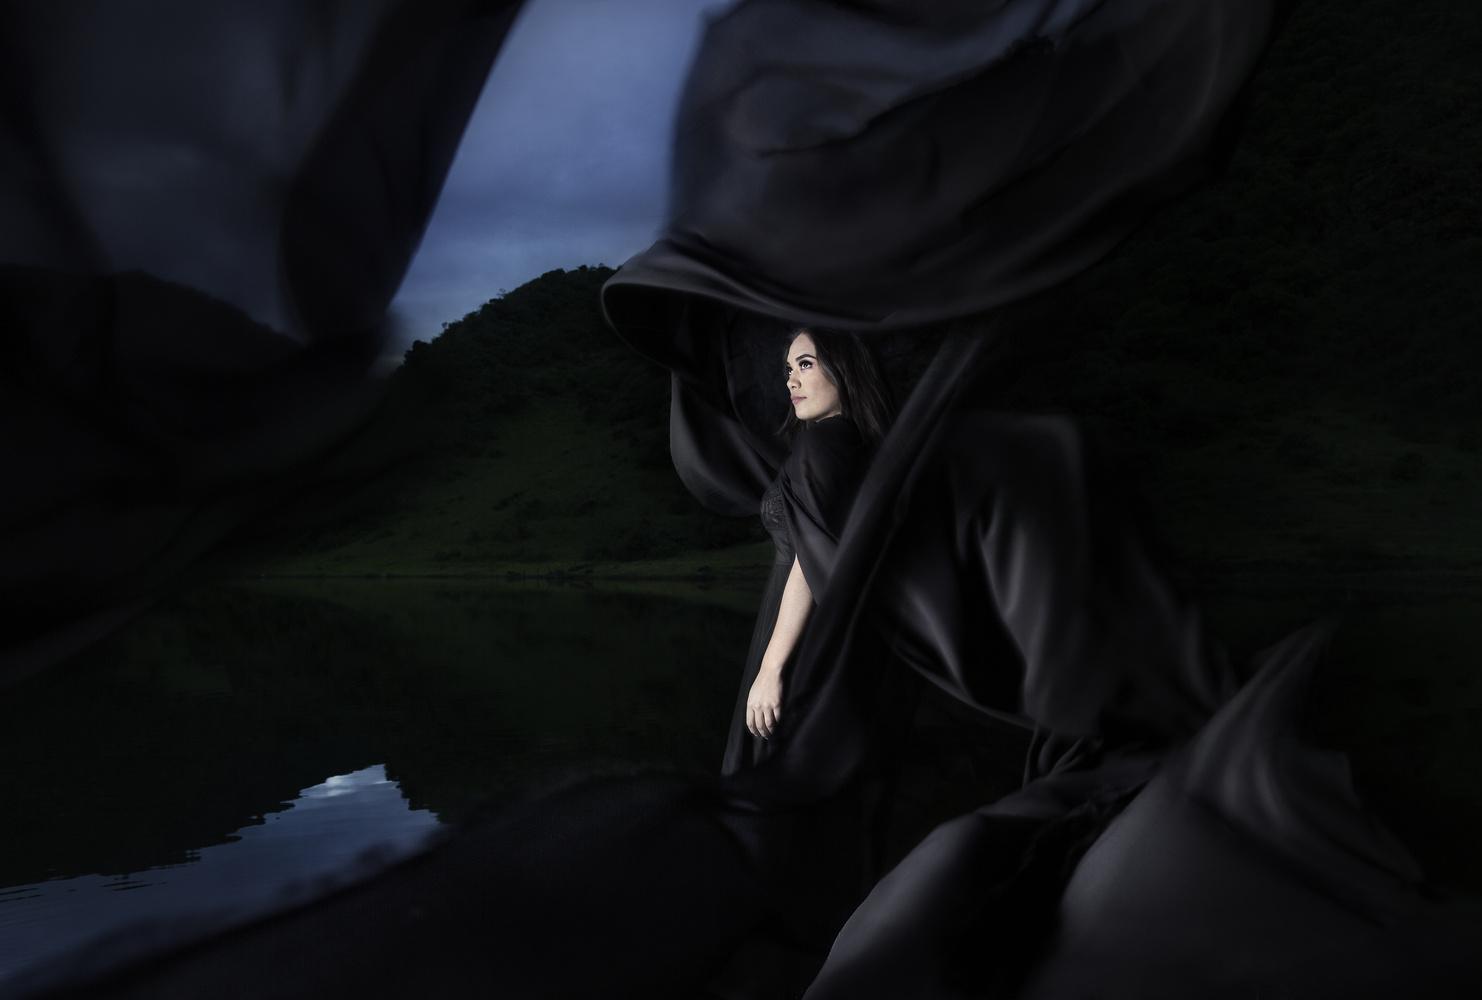 La femme du lac  by Cristhian Gonzalez